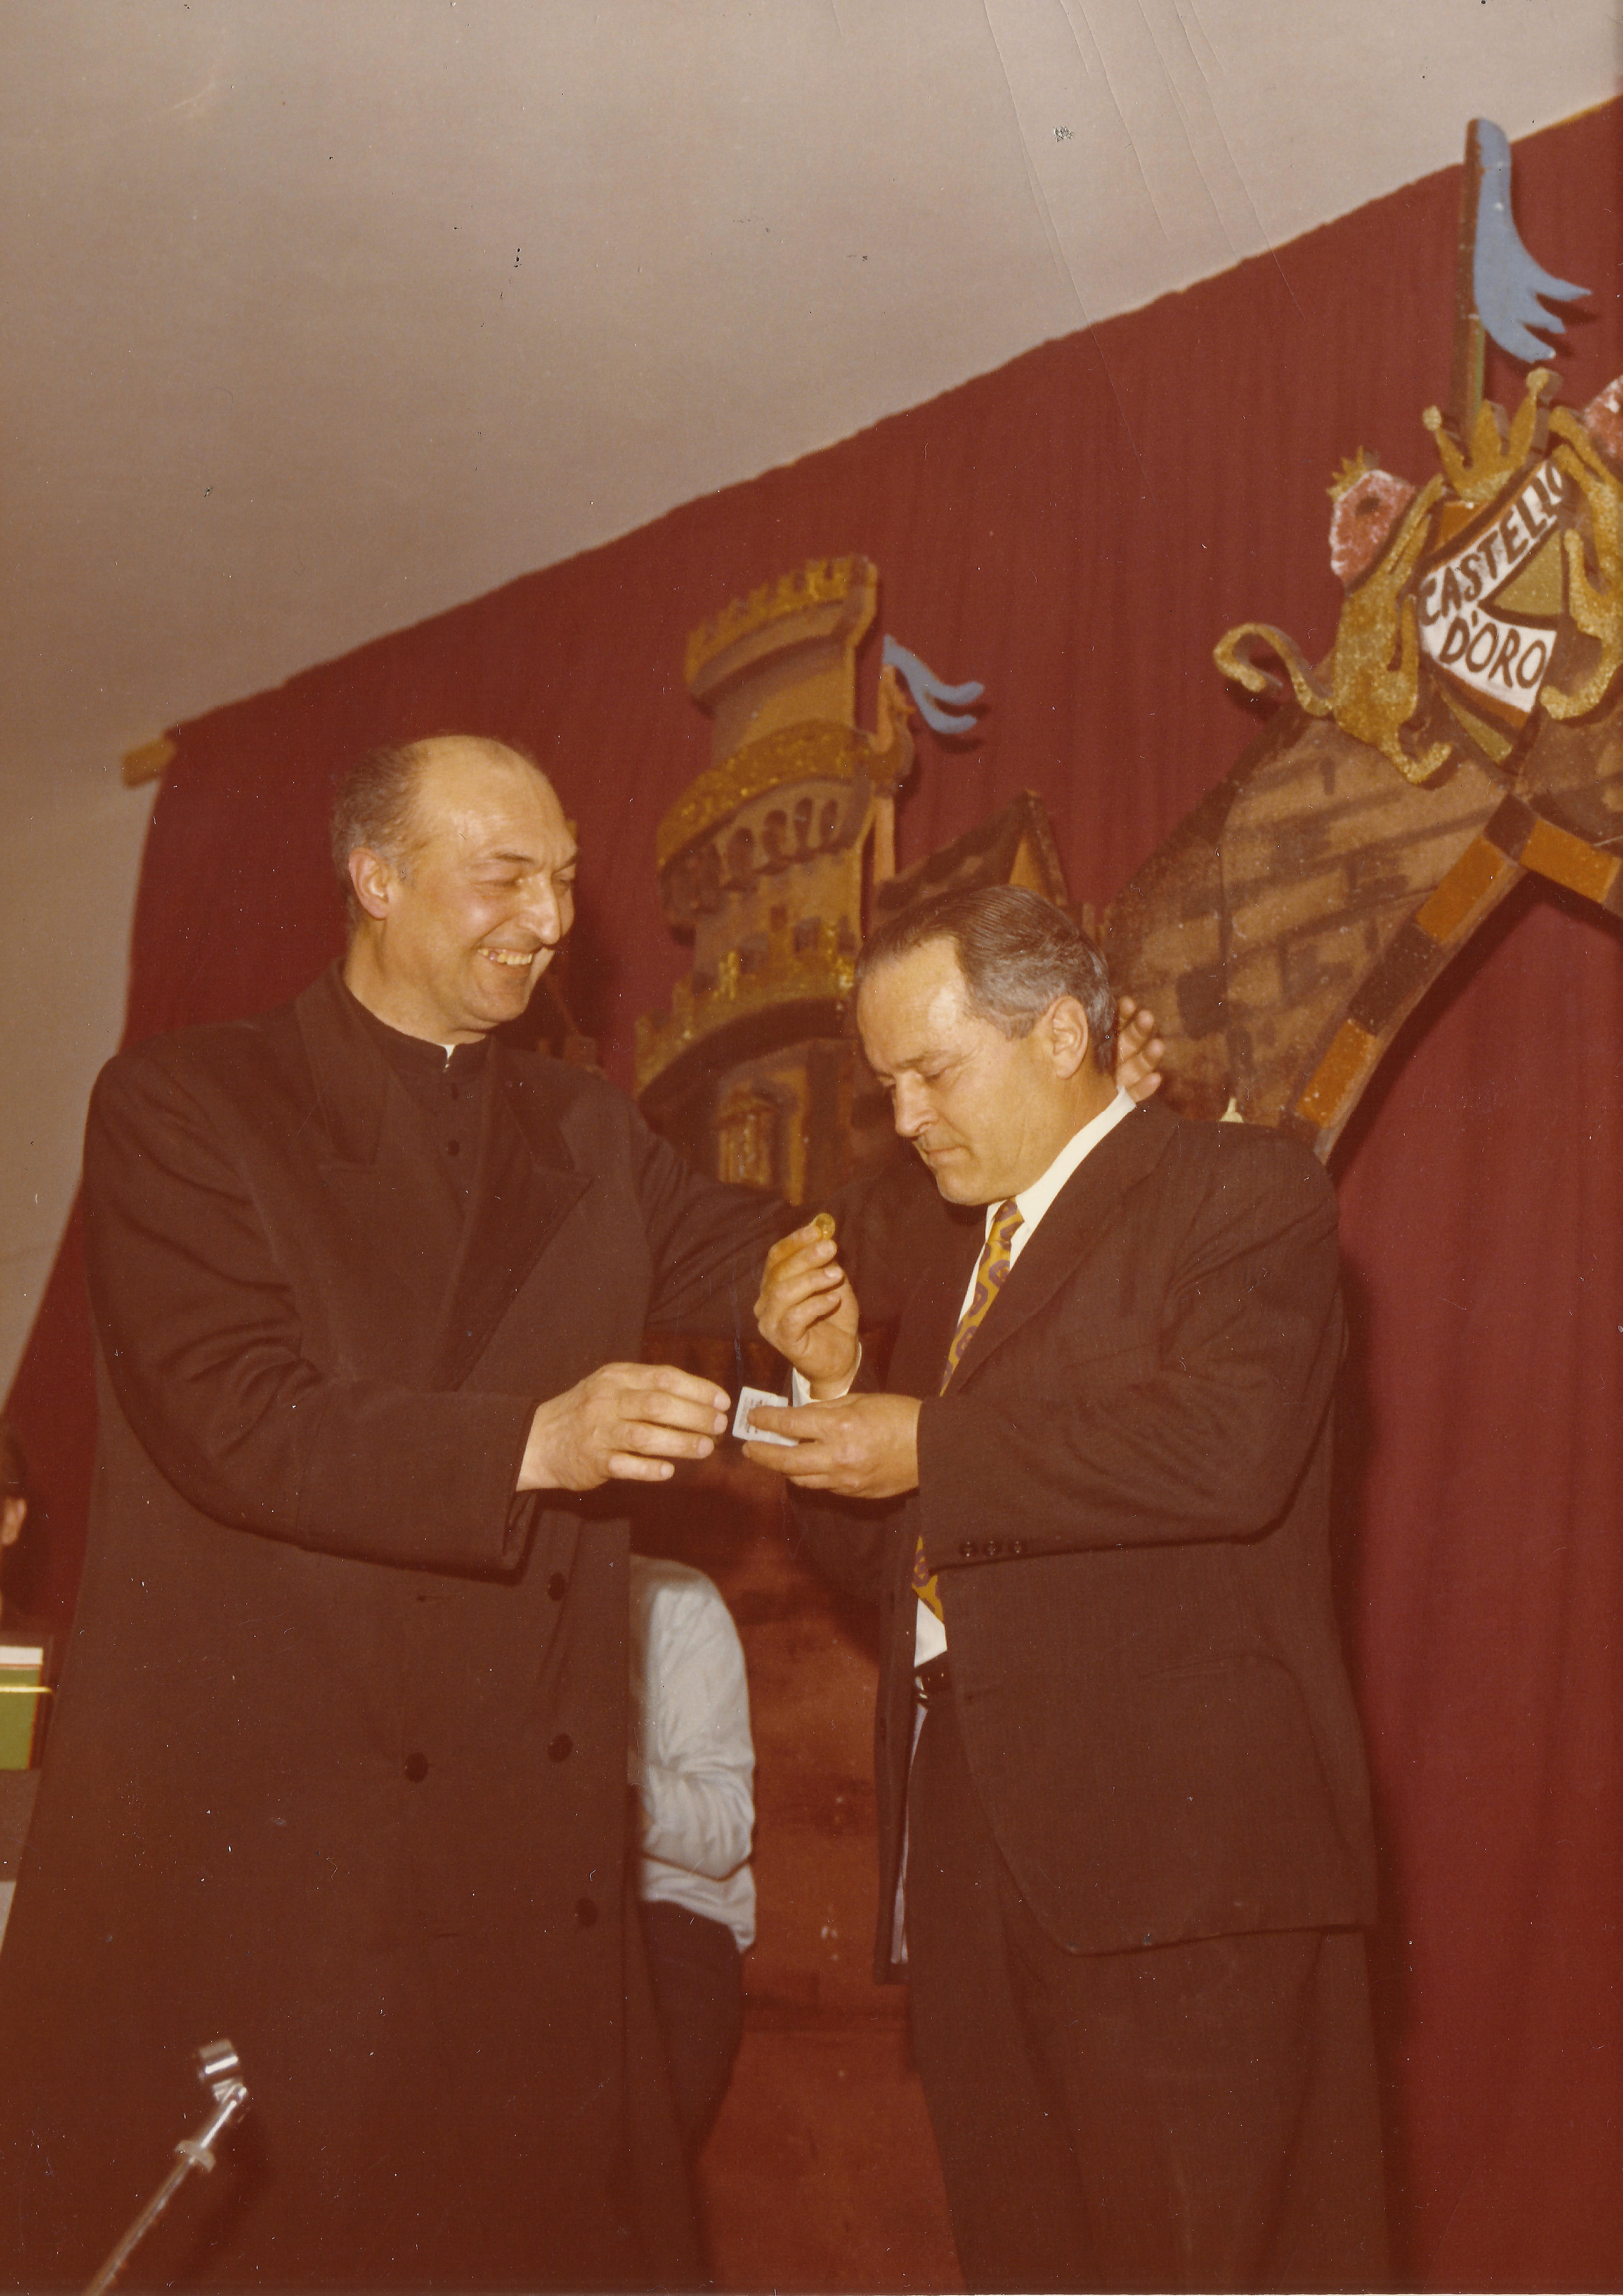 Castello d'oro 1973 - don Emilio Salati e Guerrino Faustini.jpg